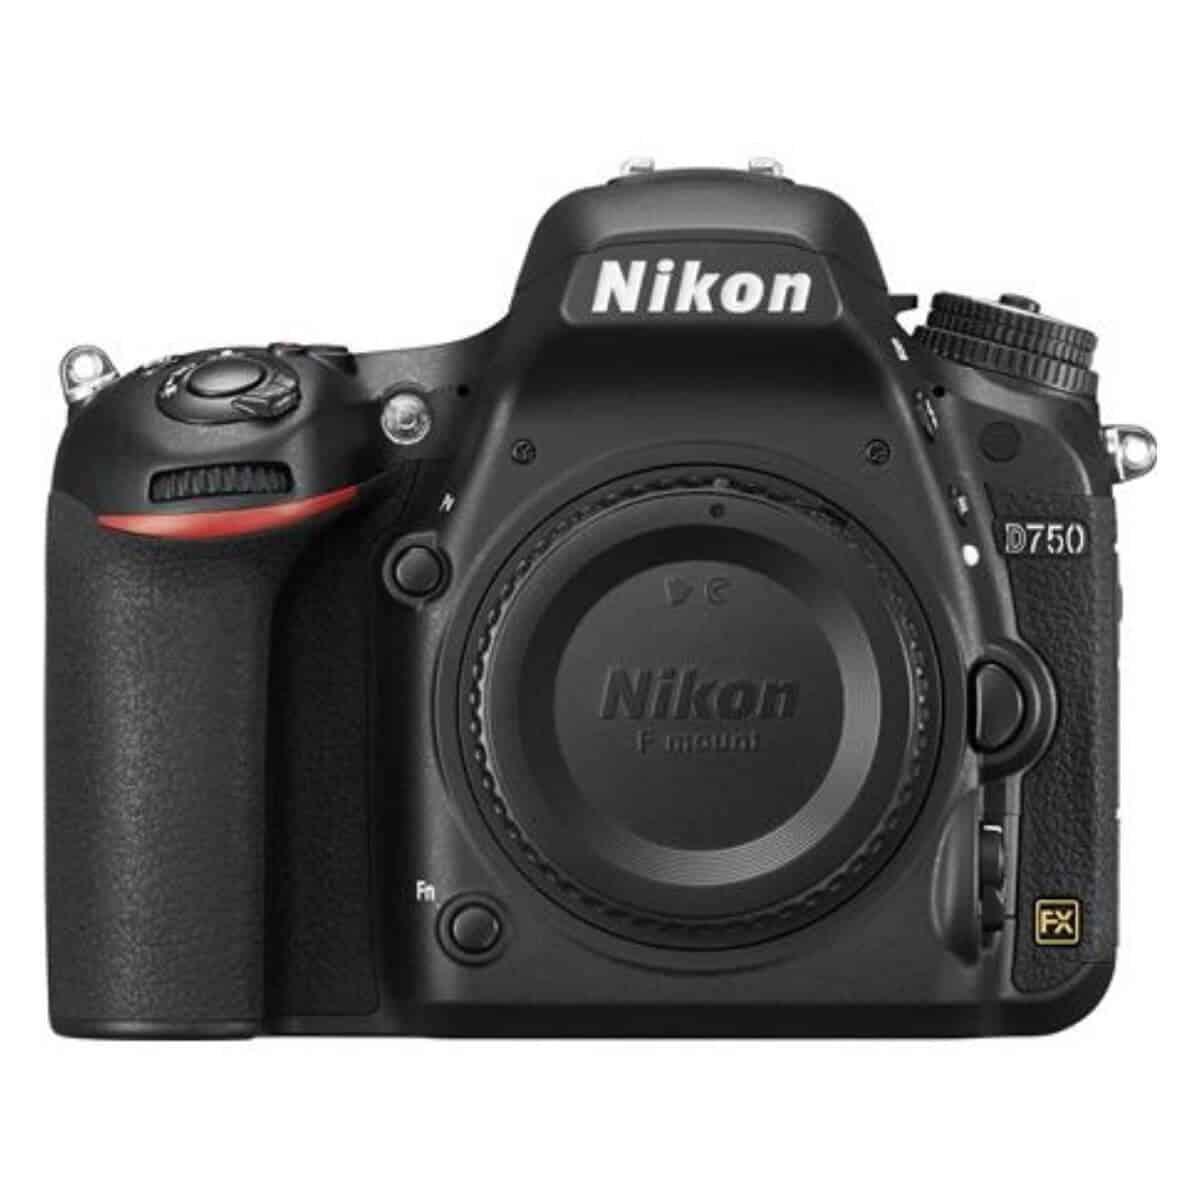 Nikon D750 camera.